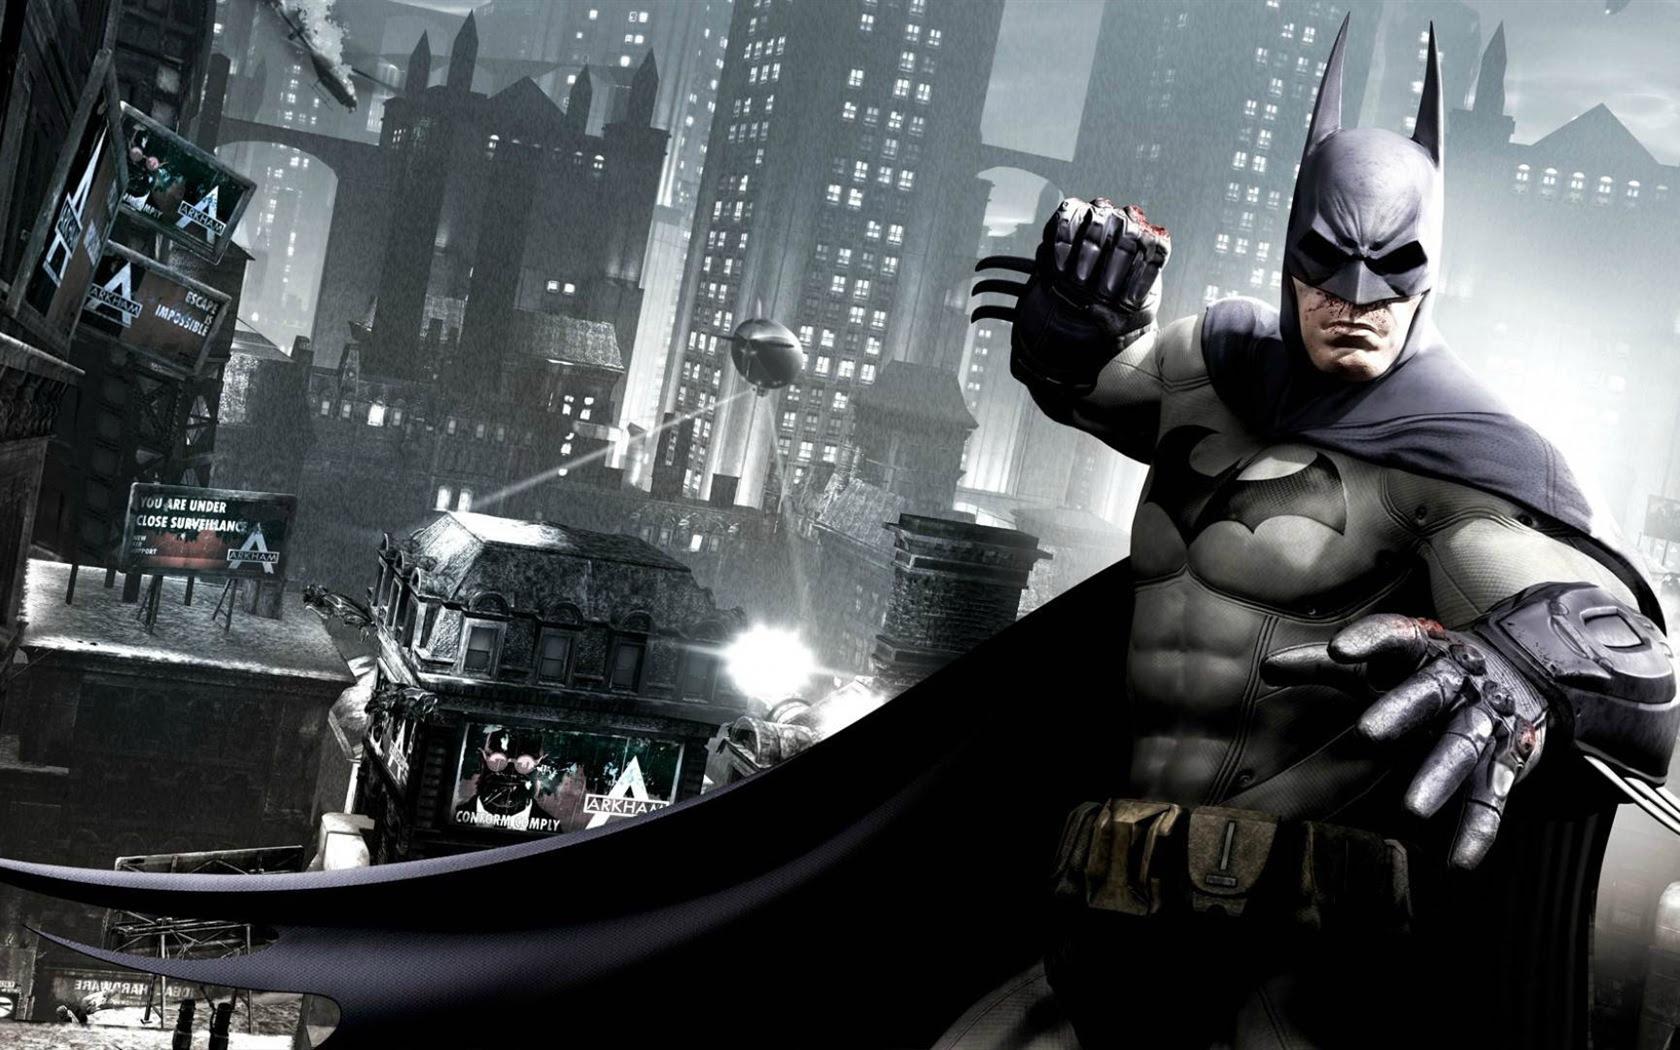 最新 バットマン 画像 壁紙 1万 お気に入りの壁紙オプション